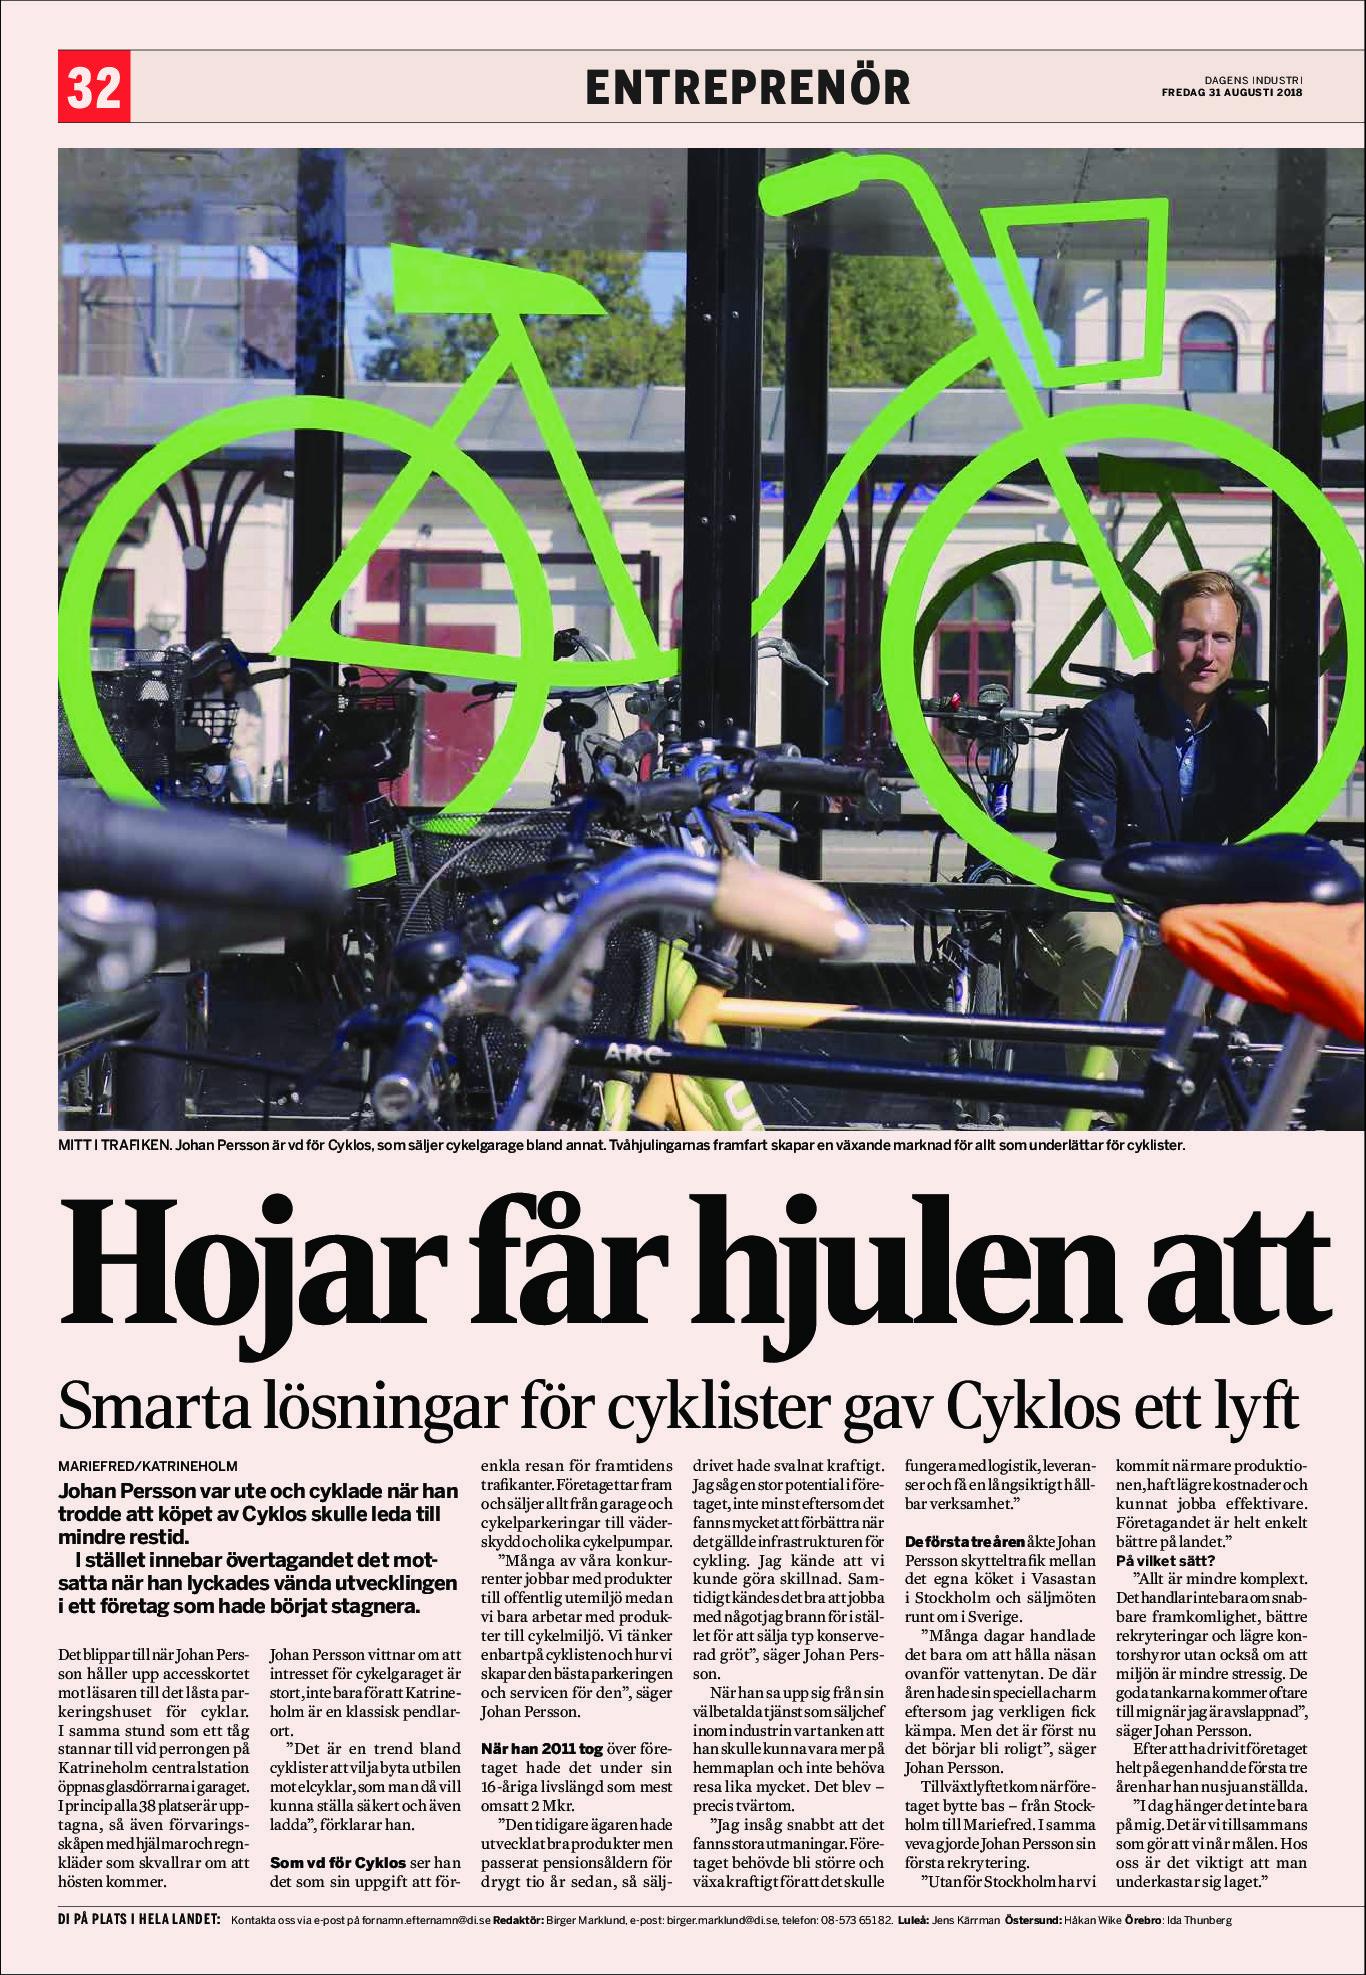 Artikel i Dagens Industri augusti 2018 om Cyklos och entreprenören Johan Persson.